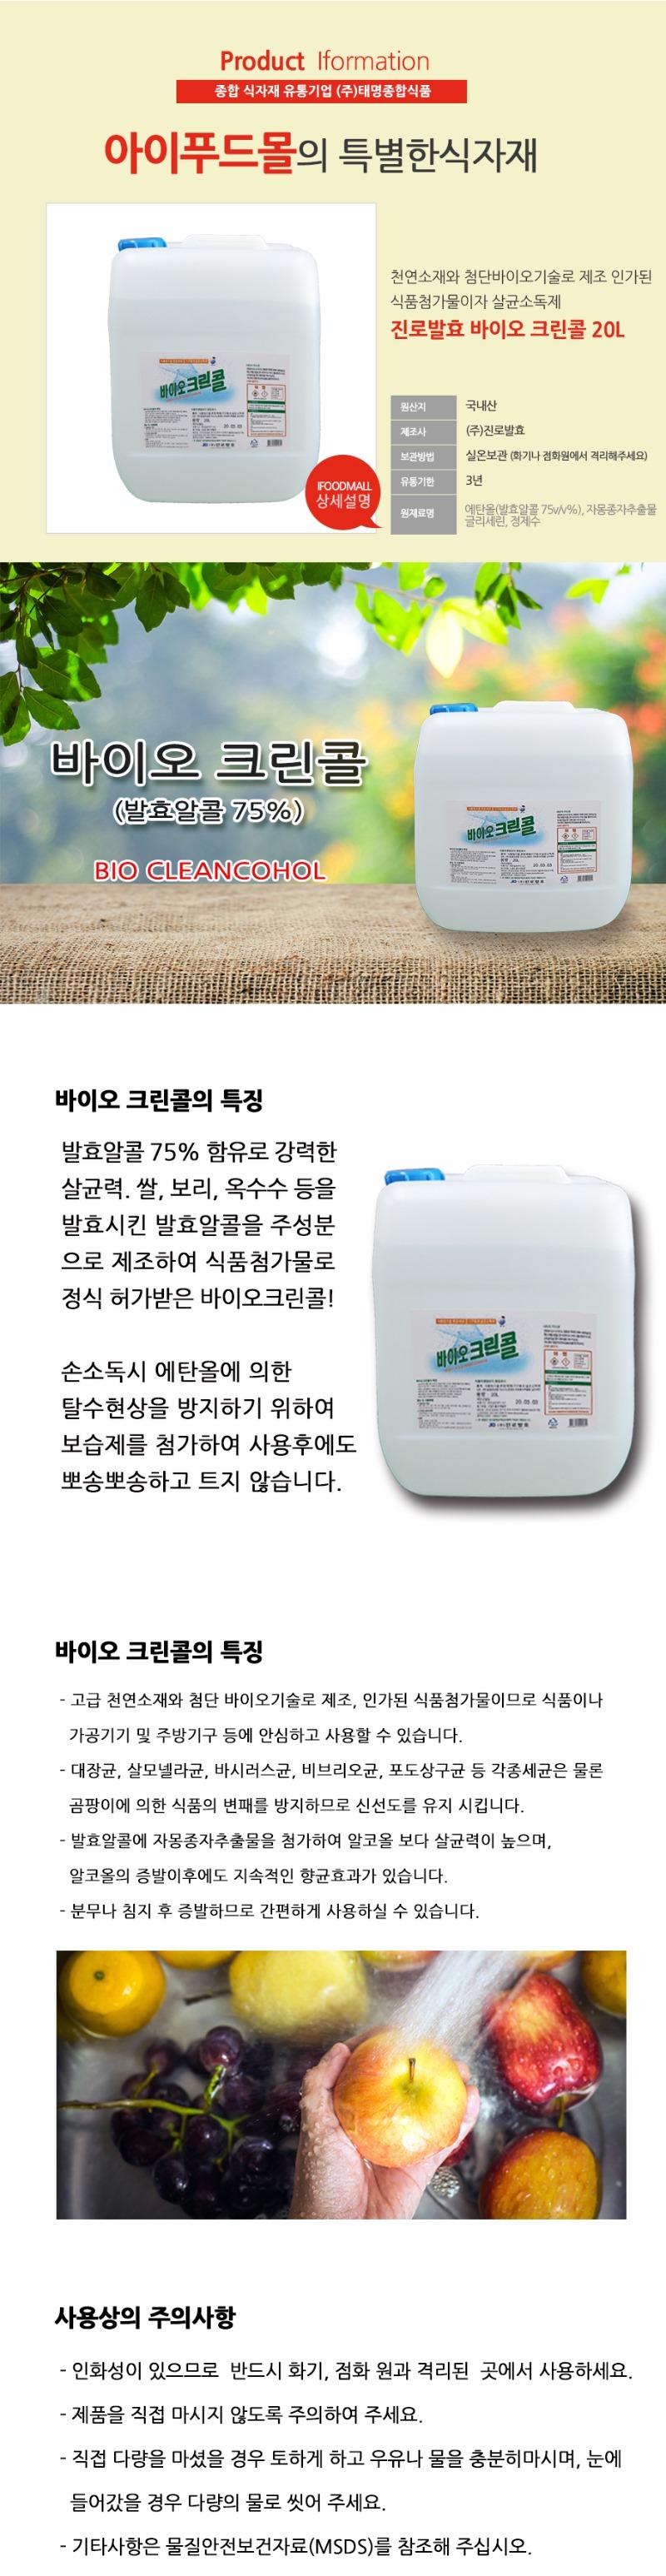 바이오크린콜 20L 상품정보1.jpg